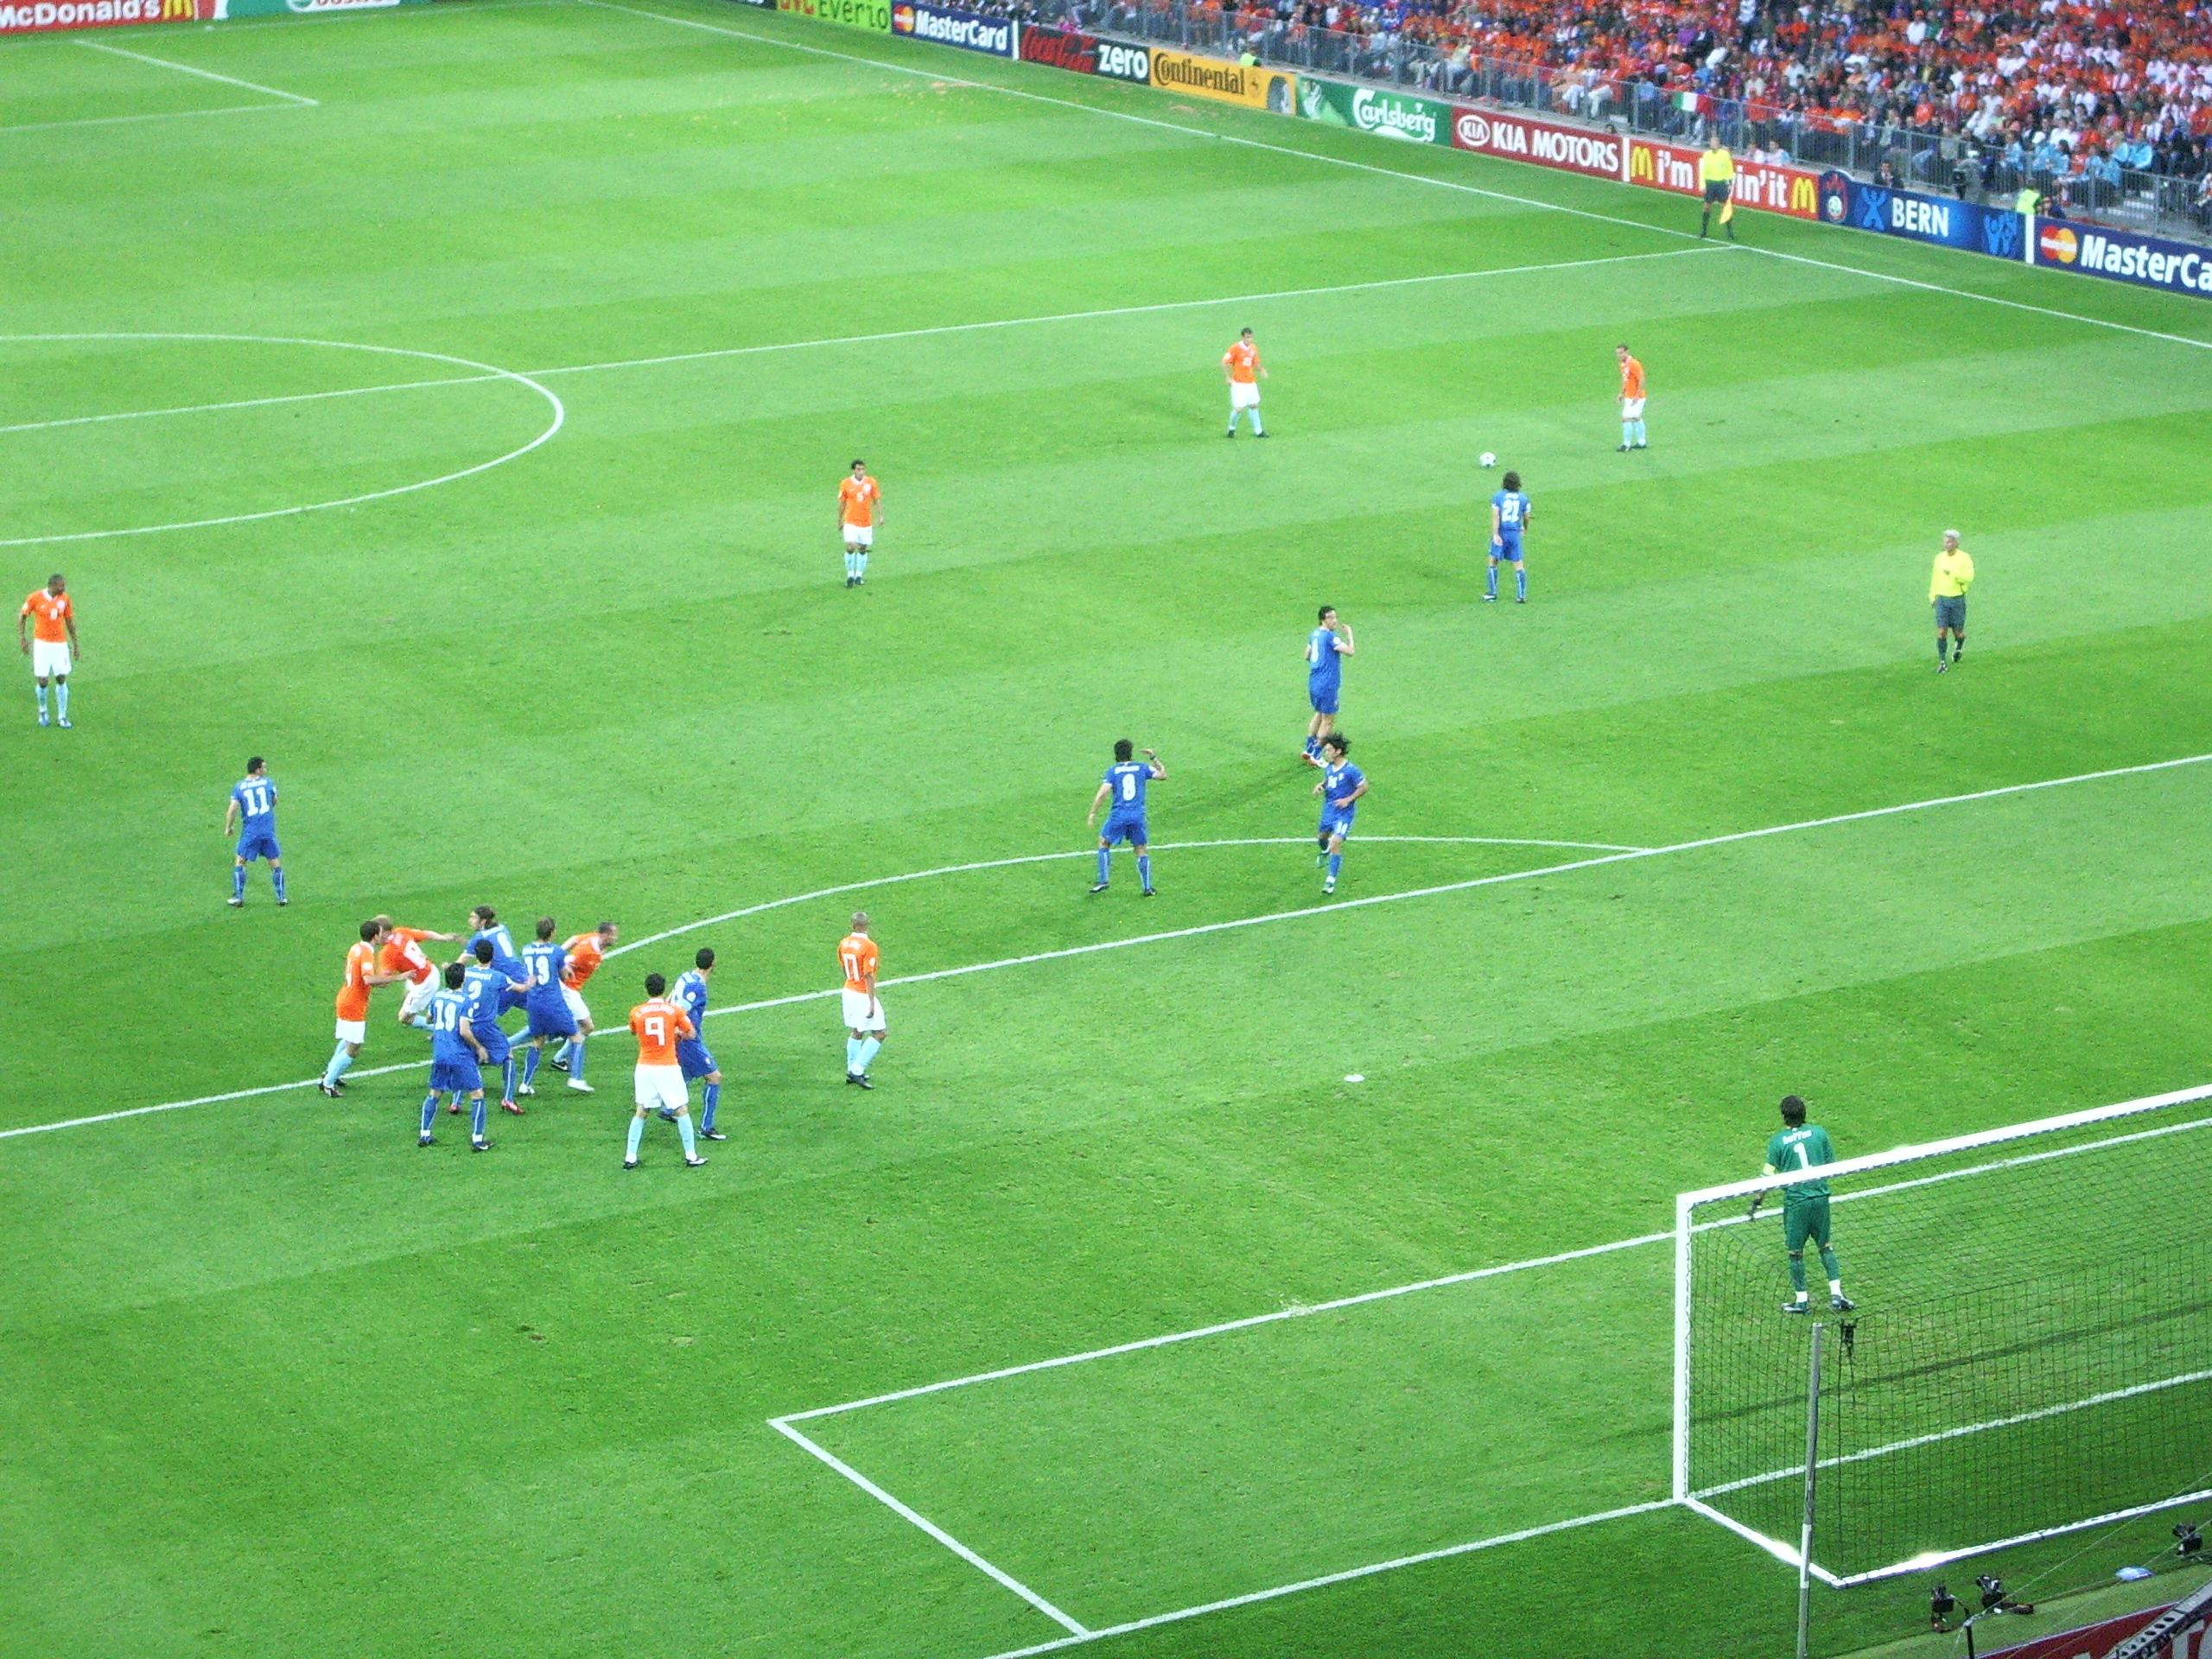 NL-IT-Bern-Voetbal-09-06-08.JPG